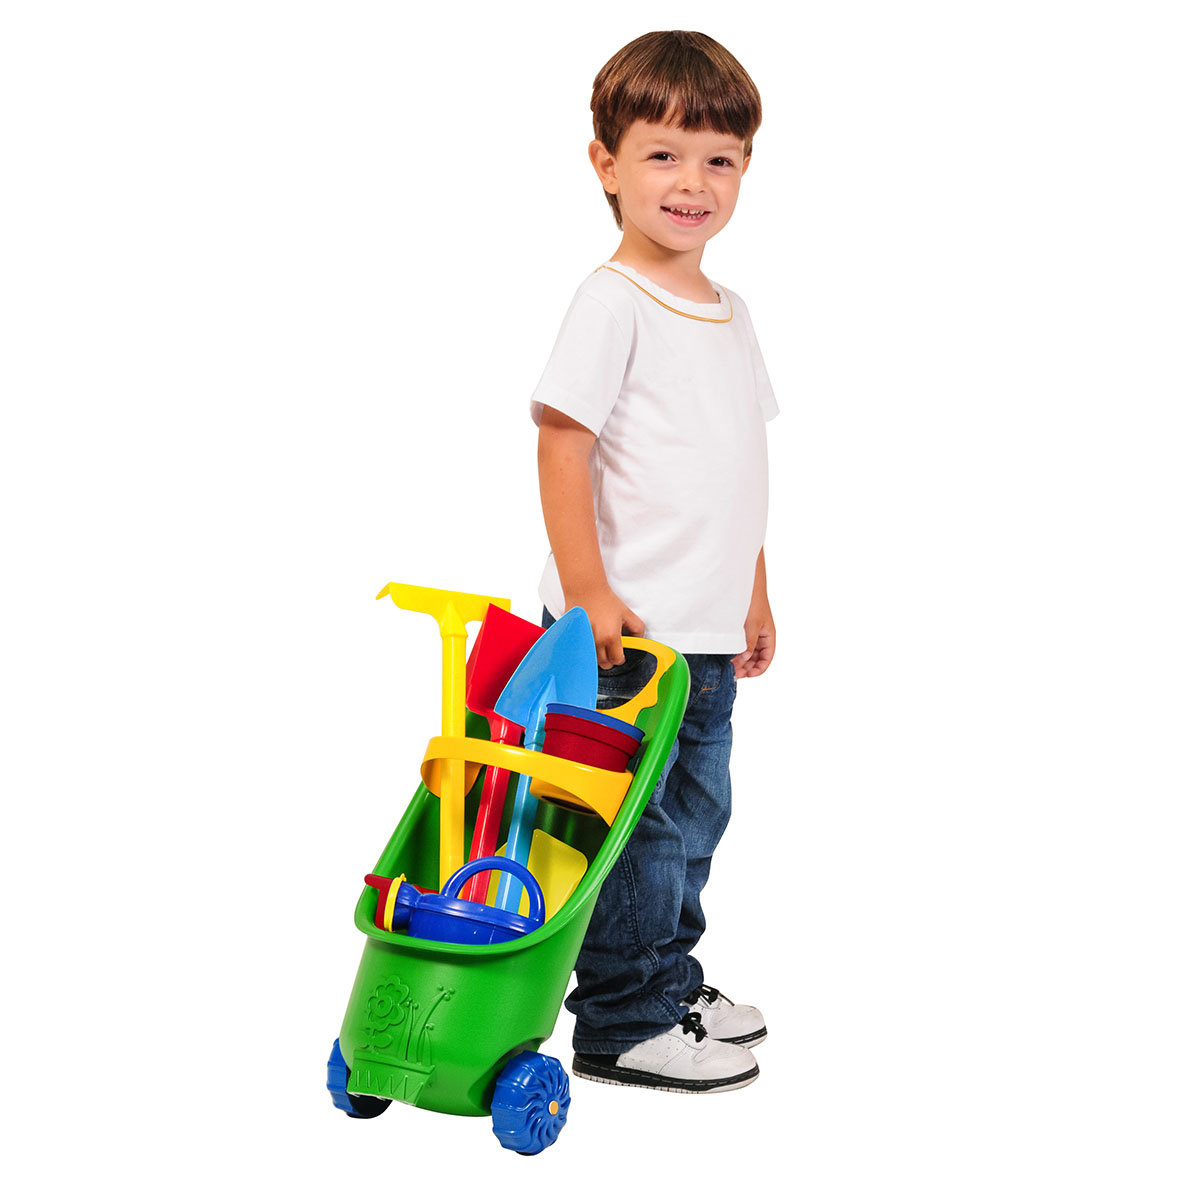 Kinder Gartentrolley 9-teilig